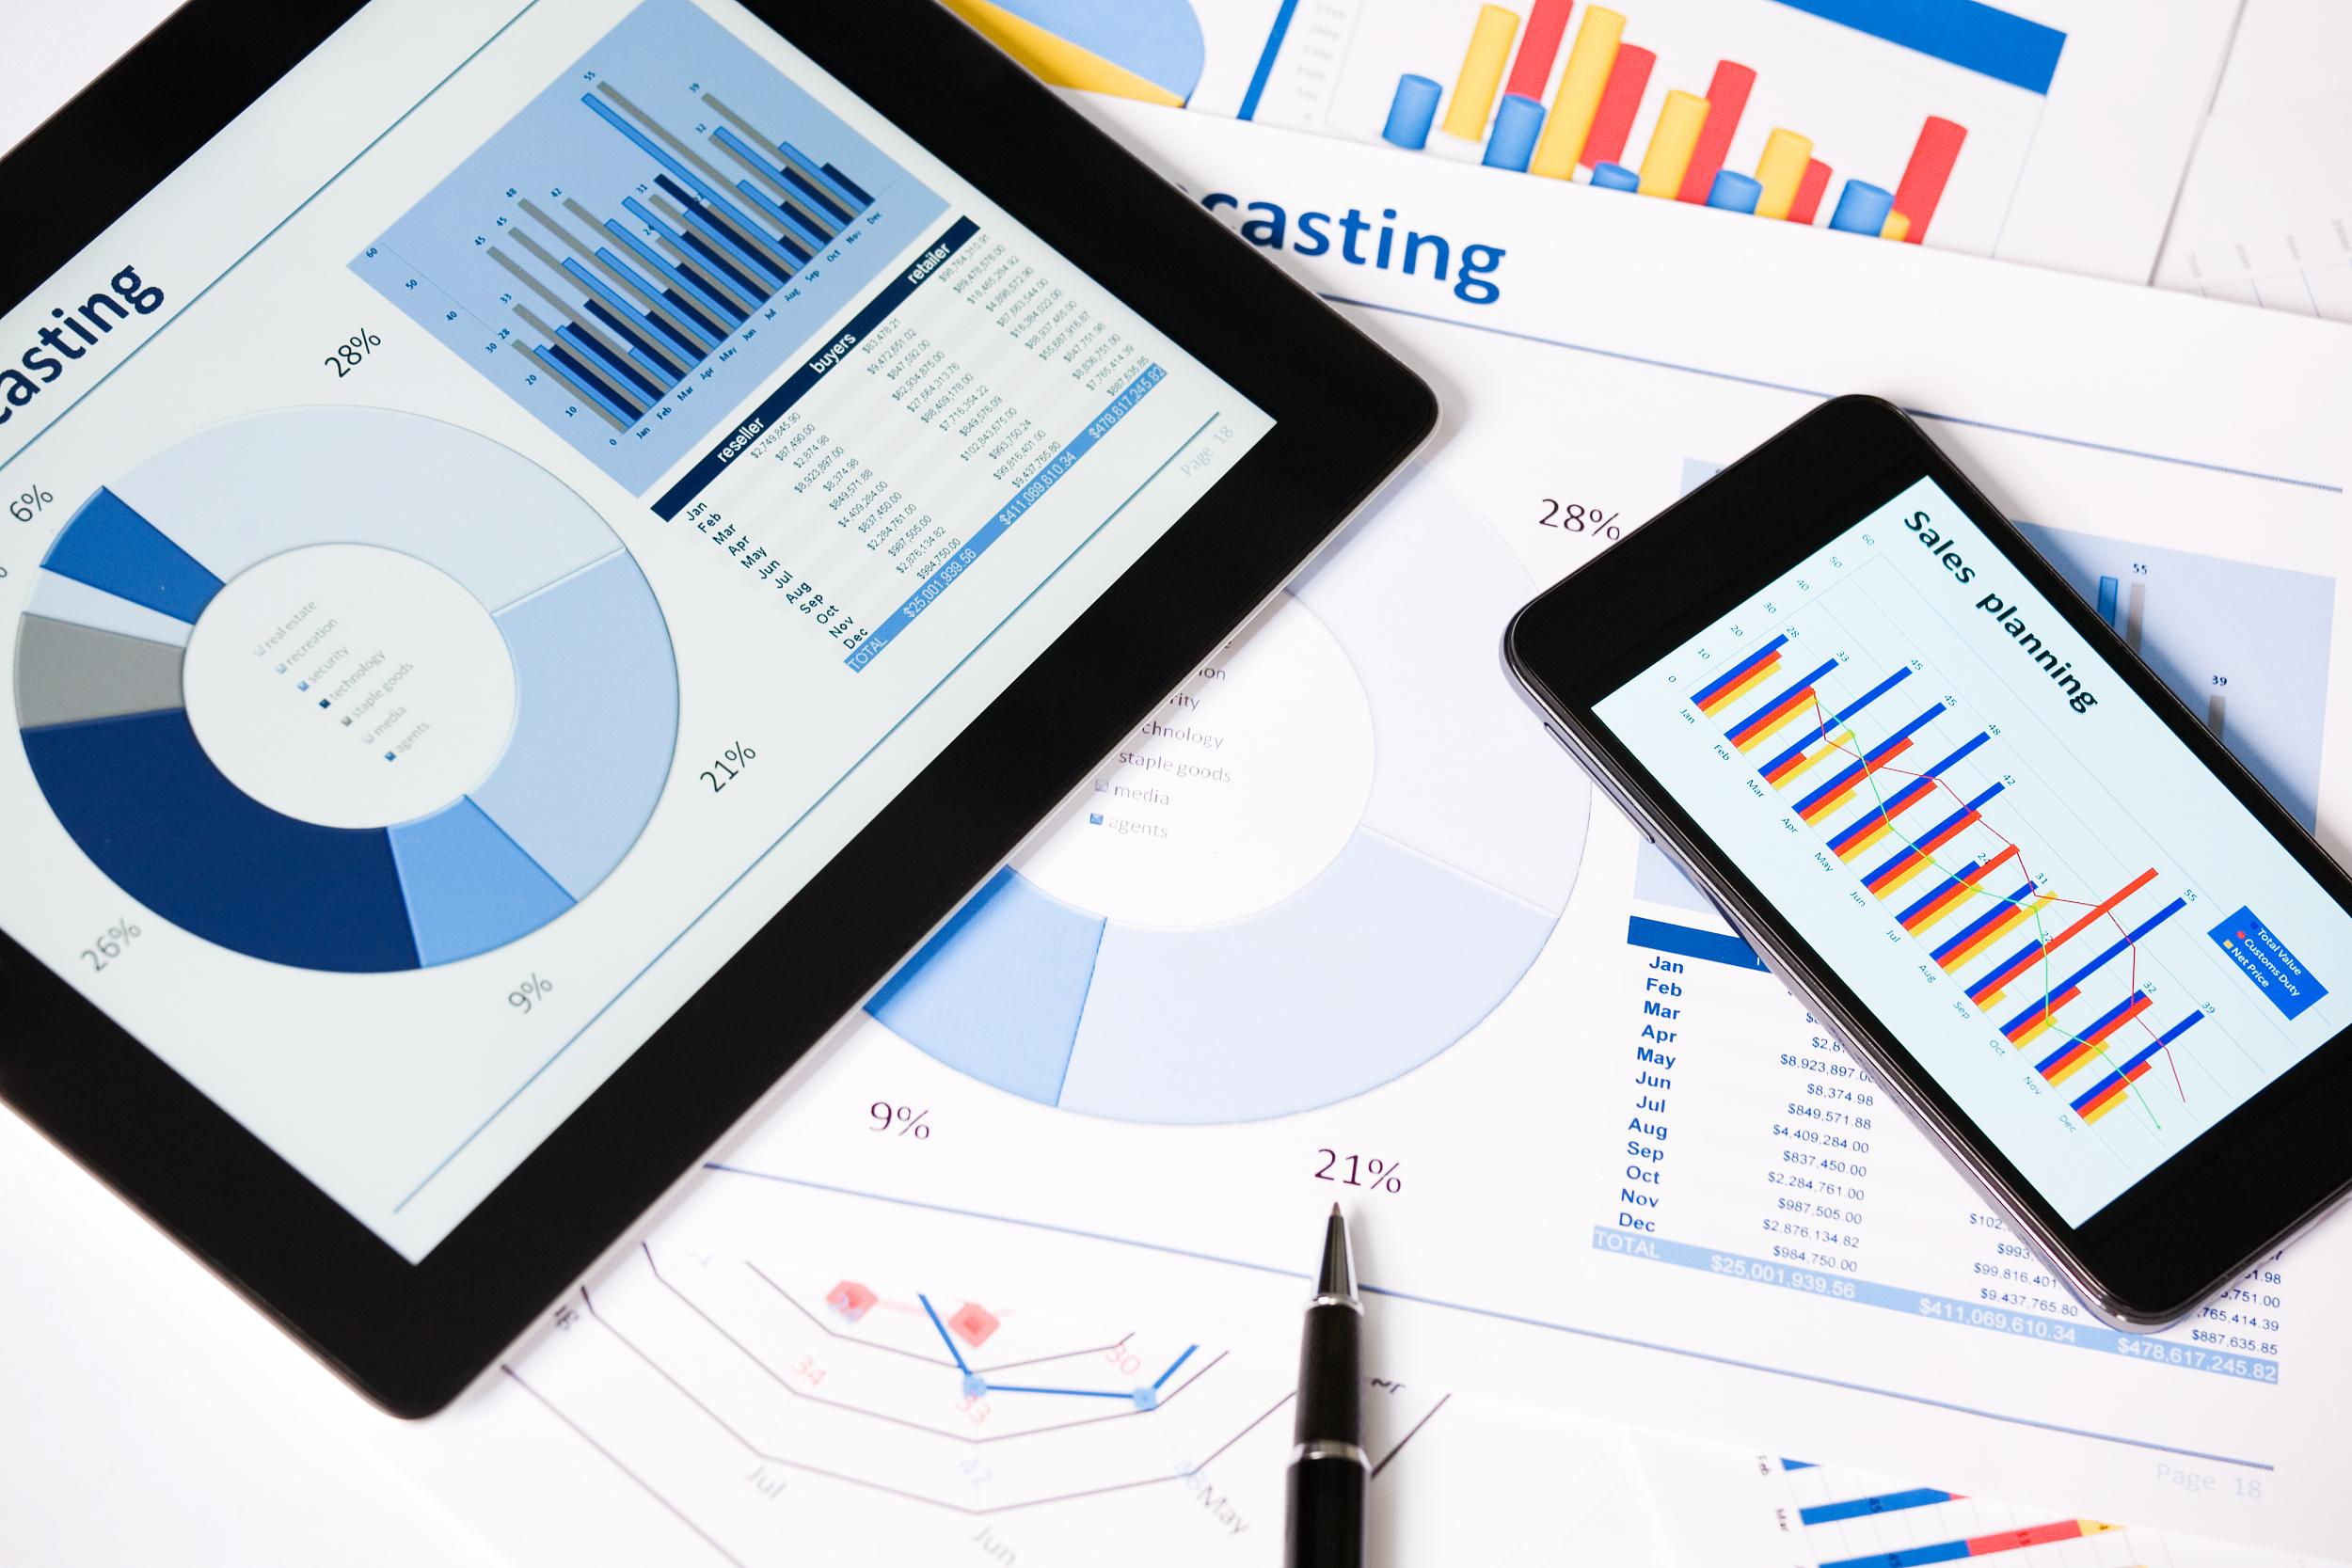 吕品:企业数字化转型的本质